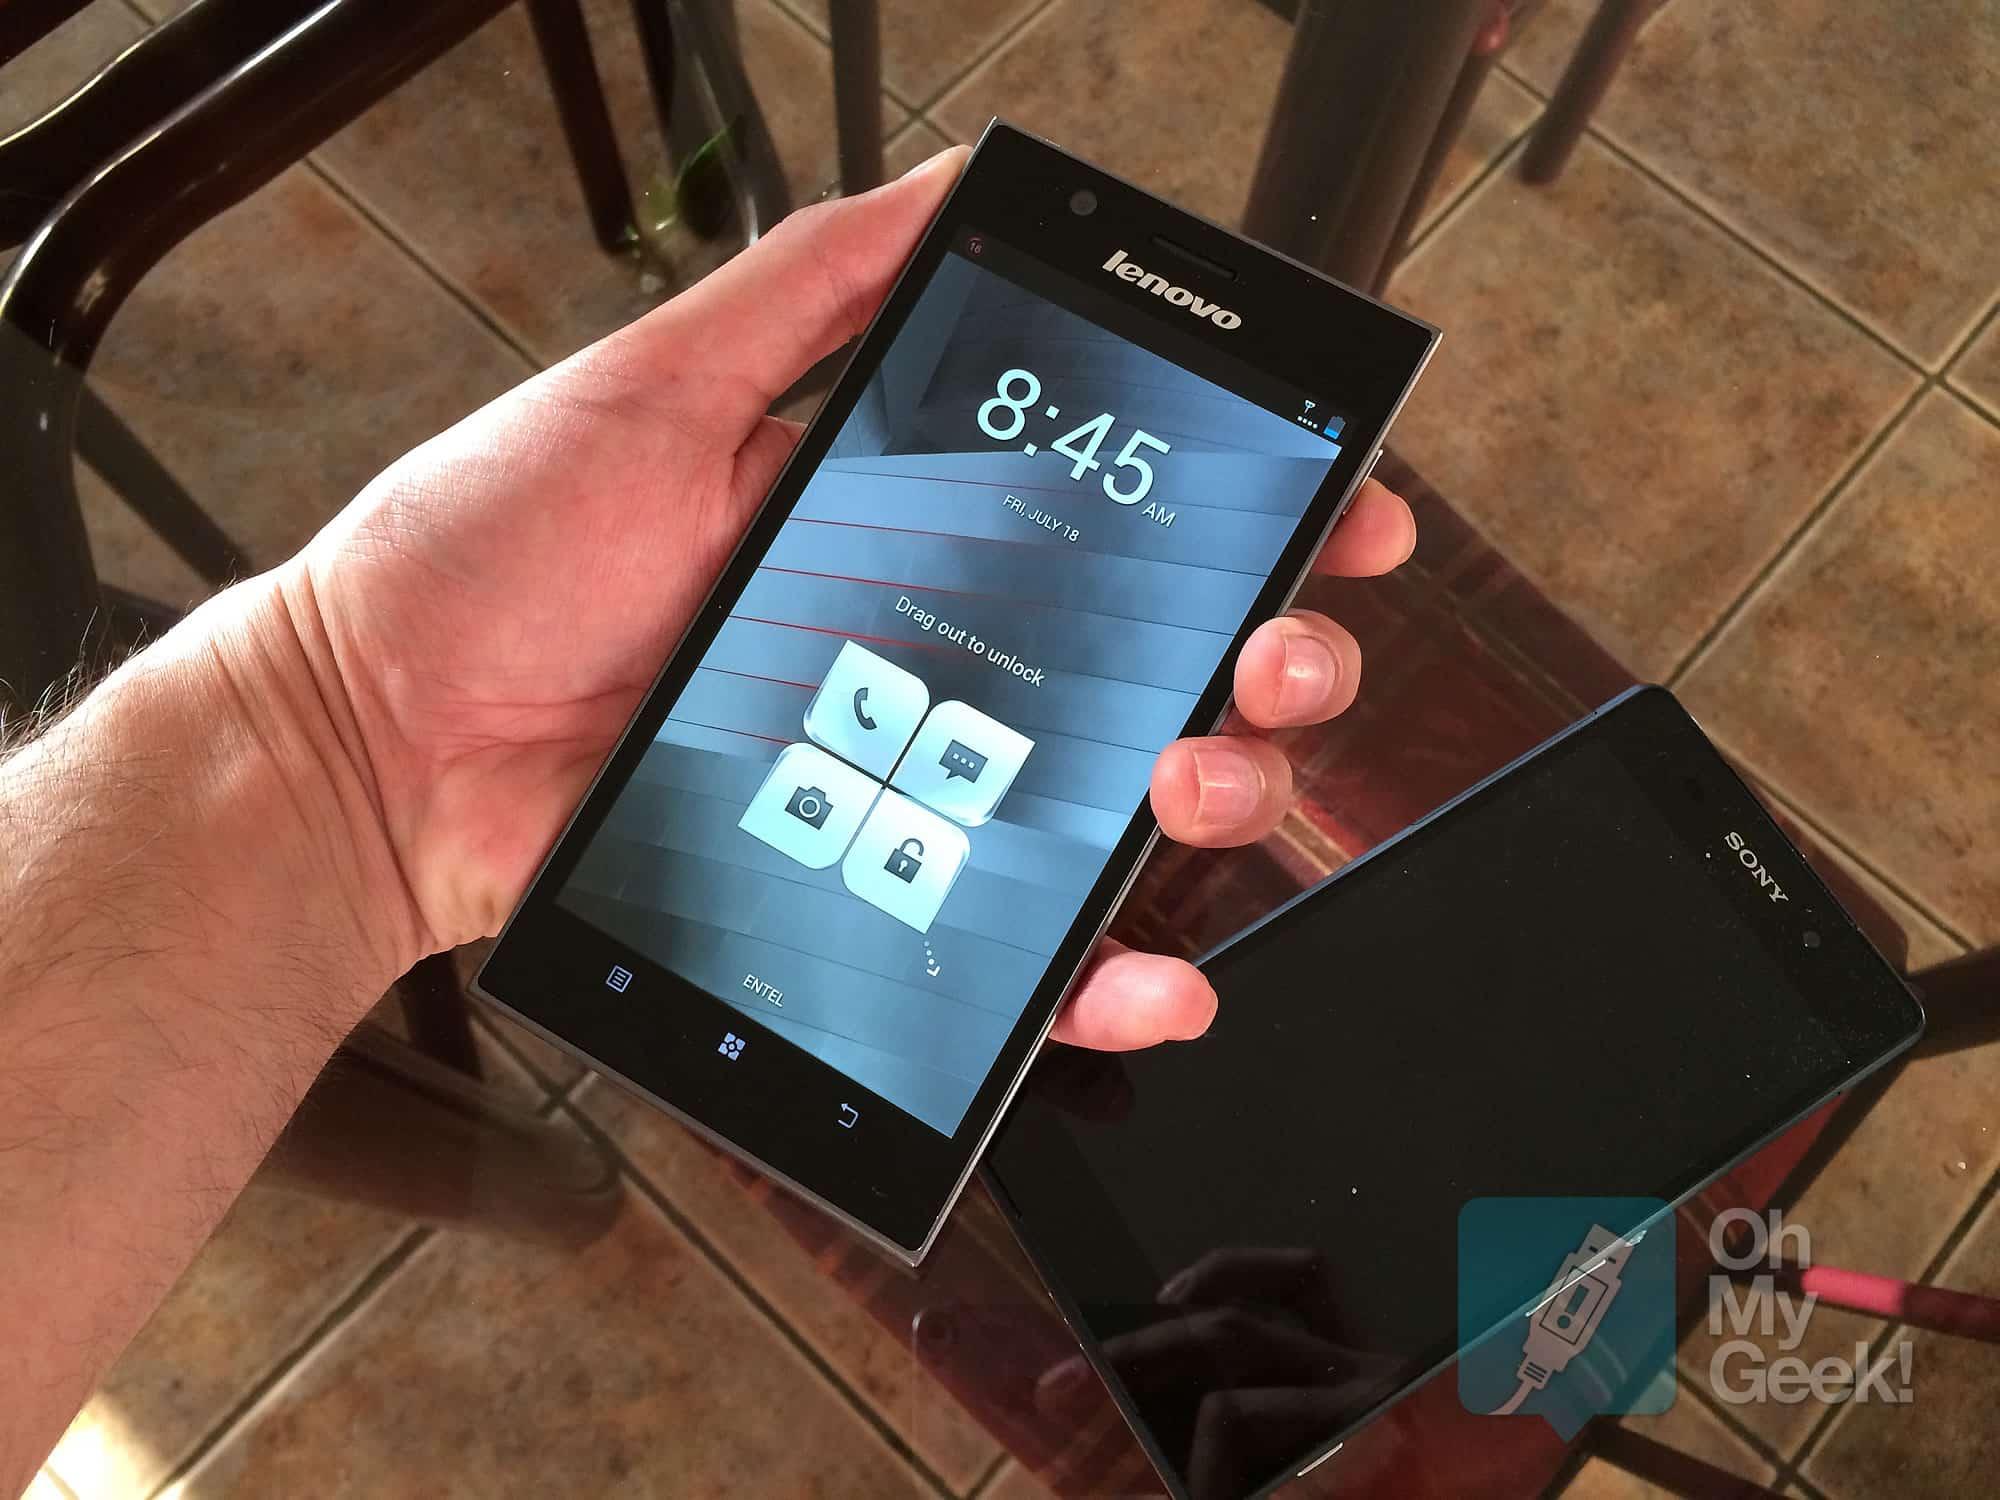 Lenovo K900 en las manos y de fondo un Sony Xperia Z2 para la comparación.